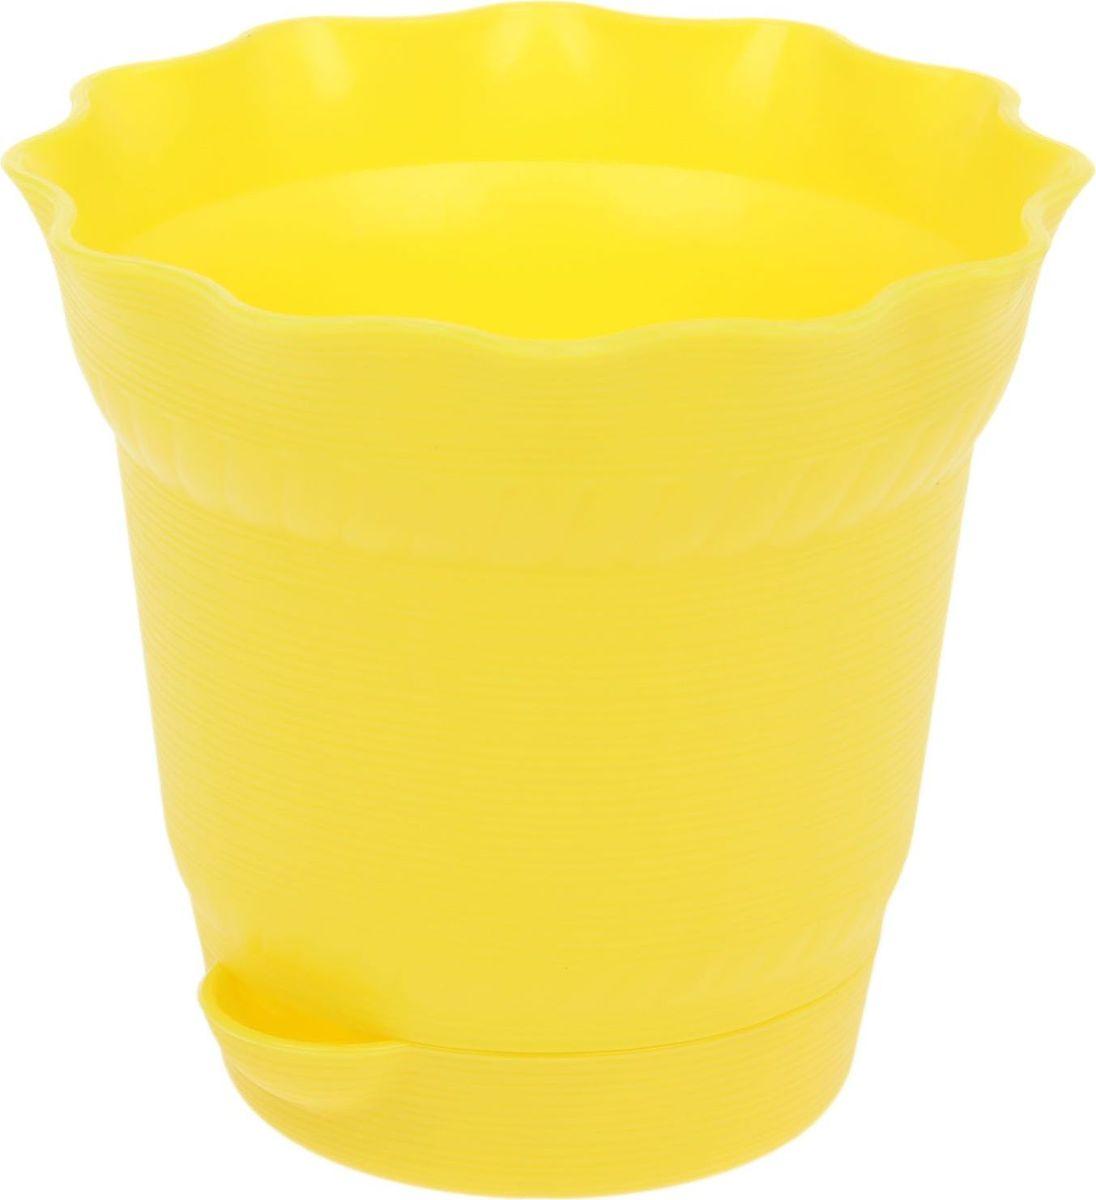 Горшок для цветов ТЕК.А.ТЕК Aquarelle, с поддоном, цвет: желтый, 1 л531-105Любой, даже самый современный и продуманный интерьер будет не завершённым без растений. Они не только очищают воздух и насыщают его кислородом, но и заметно украшают окружающее пространство. Такому полезному члену семьи просто необходимо красивое и функциональное кашпо, оригинальный горшок или необычная ваза! Мы предлагаем - Горшок для цветов 1 л с поддоном Aquarelle, d=14 см, цвет жёлтый! Оптимальный выбор материала пластмасса! Почему мы так считаем? Малый вес. С лёгкостью переносите горшки и кашпо с места на место, ставьте их на столики или полки, подвешивайте под потолок, не беспокоясь о нагрузке. Простота ухода. Пластиковые изделия не нуждаются в специальных условиях хранения. Их легко чистить достаточно просто сполоснуть тёплой водой. Никаких царапин. Пластиковые кашпо не царапают и не загрязняют поверхности, на которых стоят. Пластик дольше хранит влагу, а значит растение реже нуждается в поливе. Пластмасса не пропускает воздух корневой системе растения не грозят резкие перепады температур. Огромный выбор форм, декора и расцветок вы без труда подберёте что-то, что идеально впишется в уже существующий интерьер. Соблюдая нехитрые правила ухода, вы можете заметно продлить срок службы горшков, вазонов и кашпо из пластика: всегда учитывайте размер кроны и корневой системы растения (при разрастании большое растение способно повредить маленький горшок)берегите изделие от воздействия прямых солнечных лучей, чтобы кашпо и горшки не выцветалидержите кашпо и горшки из пластика подальше от нагревающихся поверхностей. Создавайте прекрасные цветочные композиции, выращивайте рассаду или необычные растения, а низкие цены позволят вам не ограничивать себя в выборе.